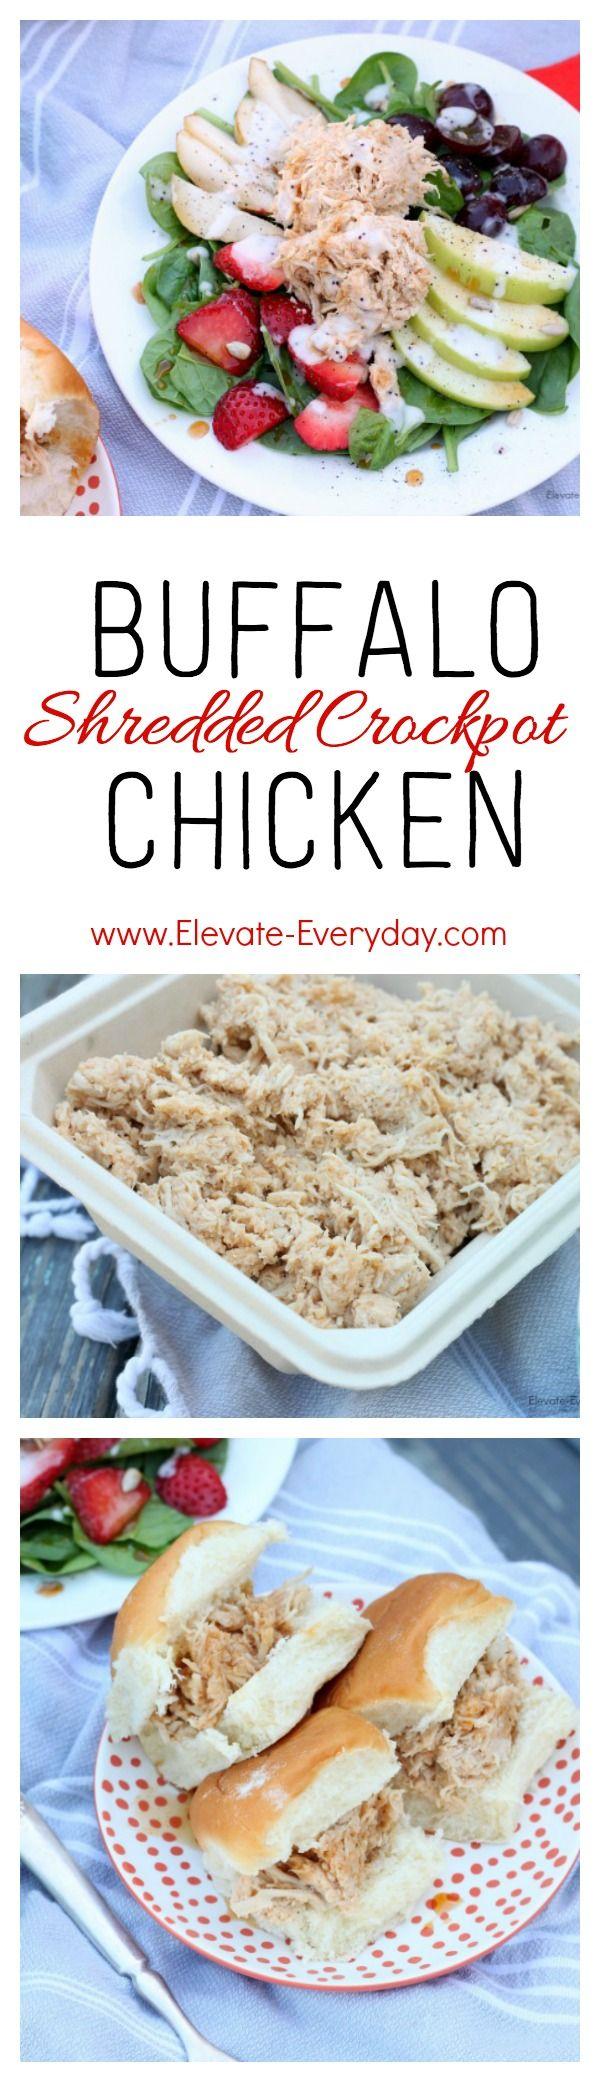 Shredded Buffalo Chicken Crockpot Recipe